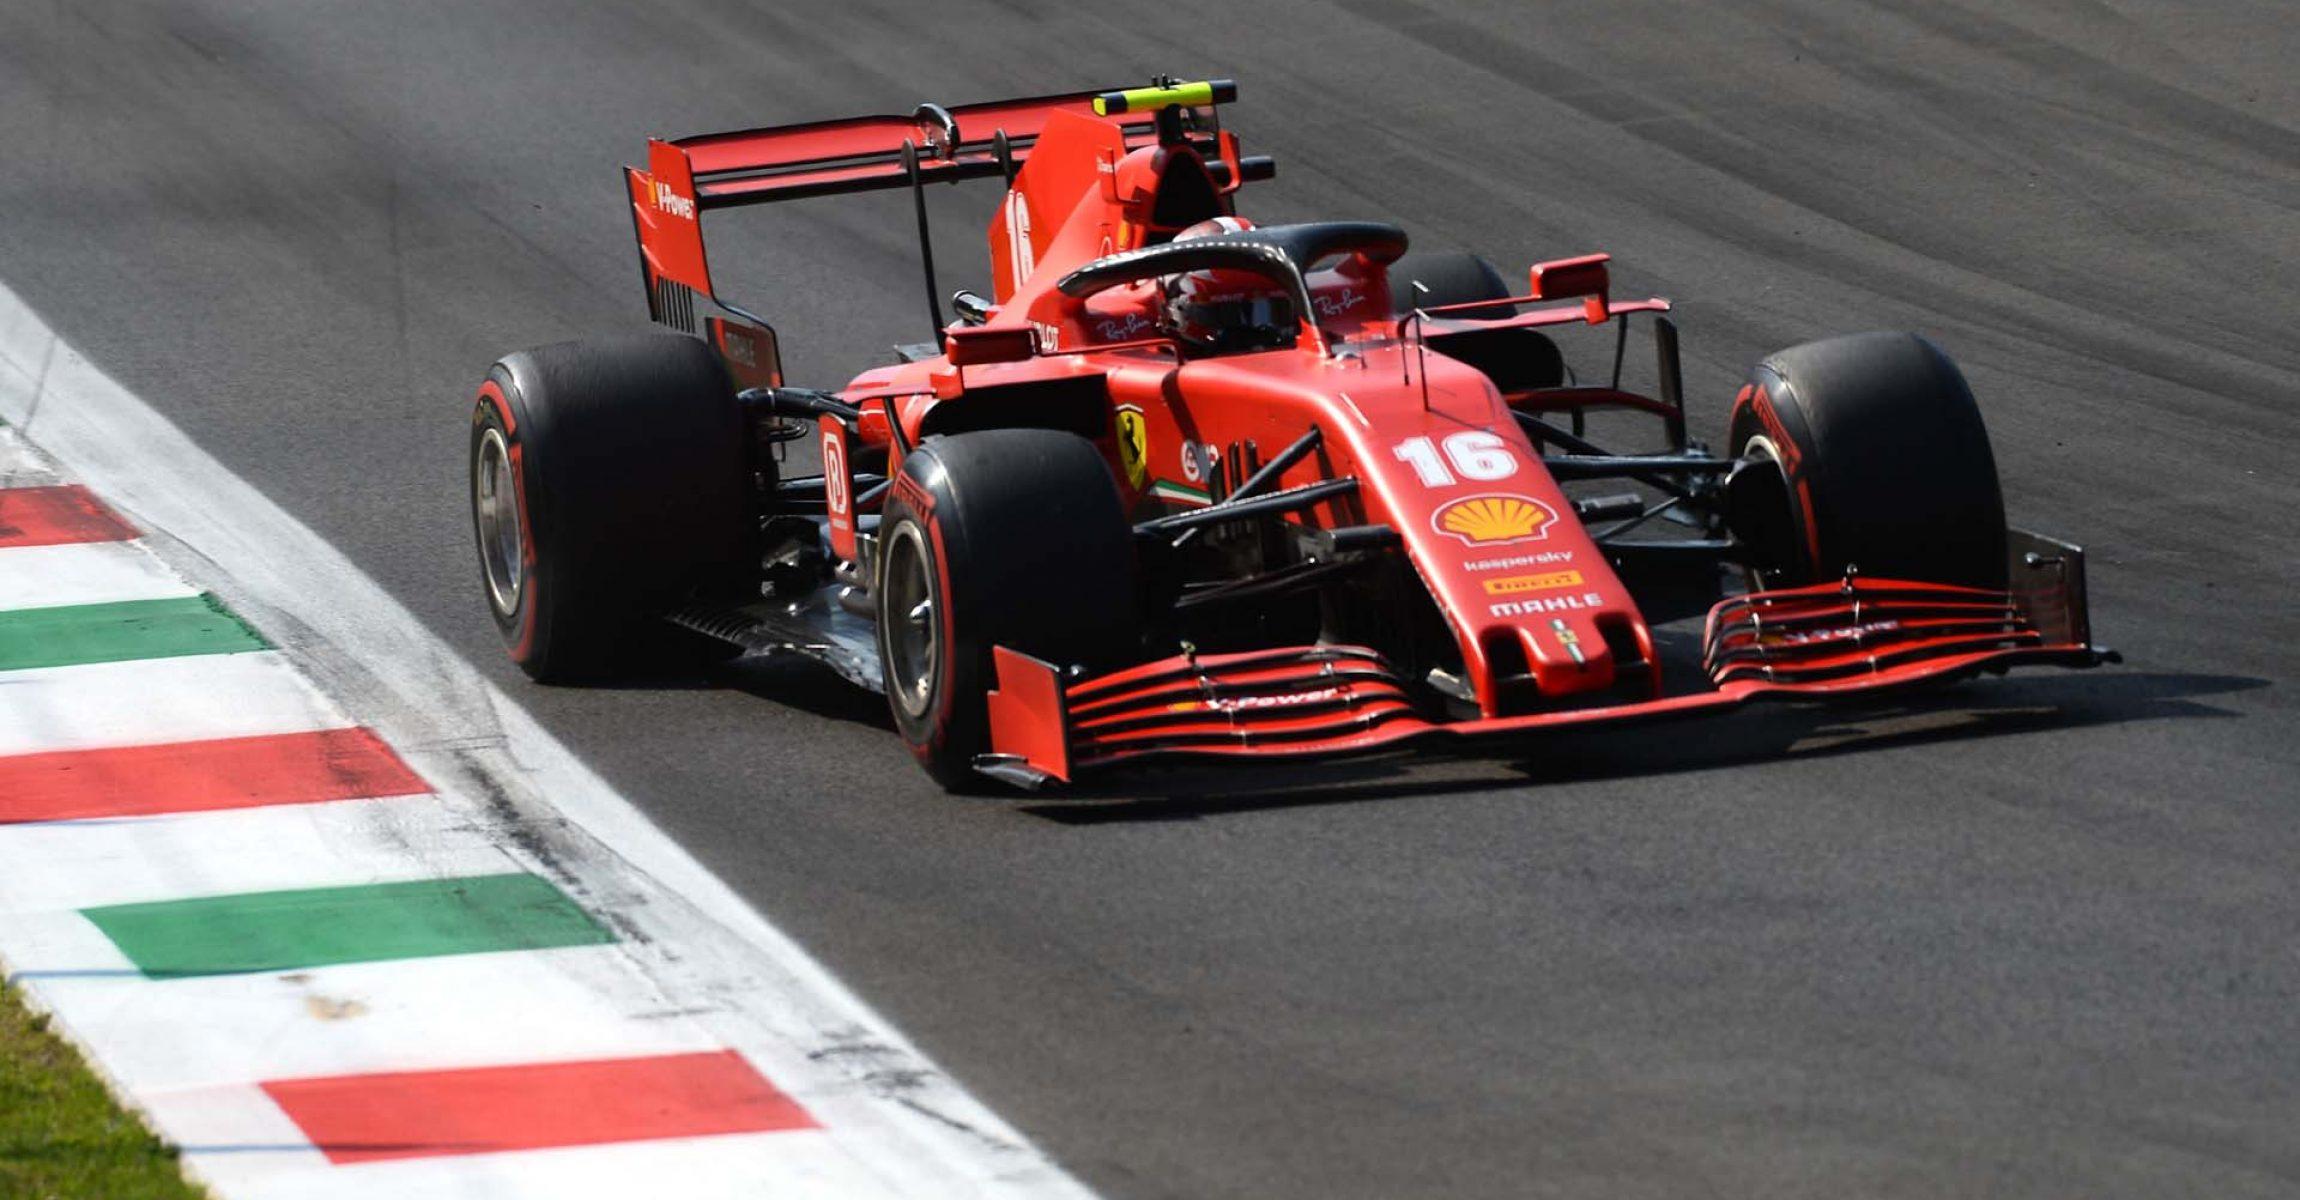 GP ITALIA F1/2020 -  DOMENICA 06/09/2020   credit: @Scuderia Ferrari Press Office Charles Leclerc